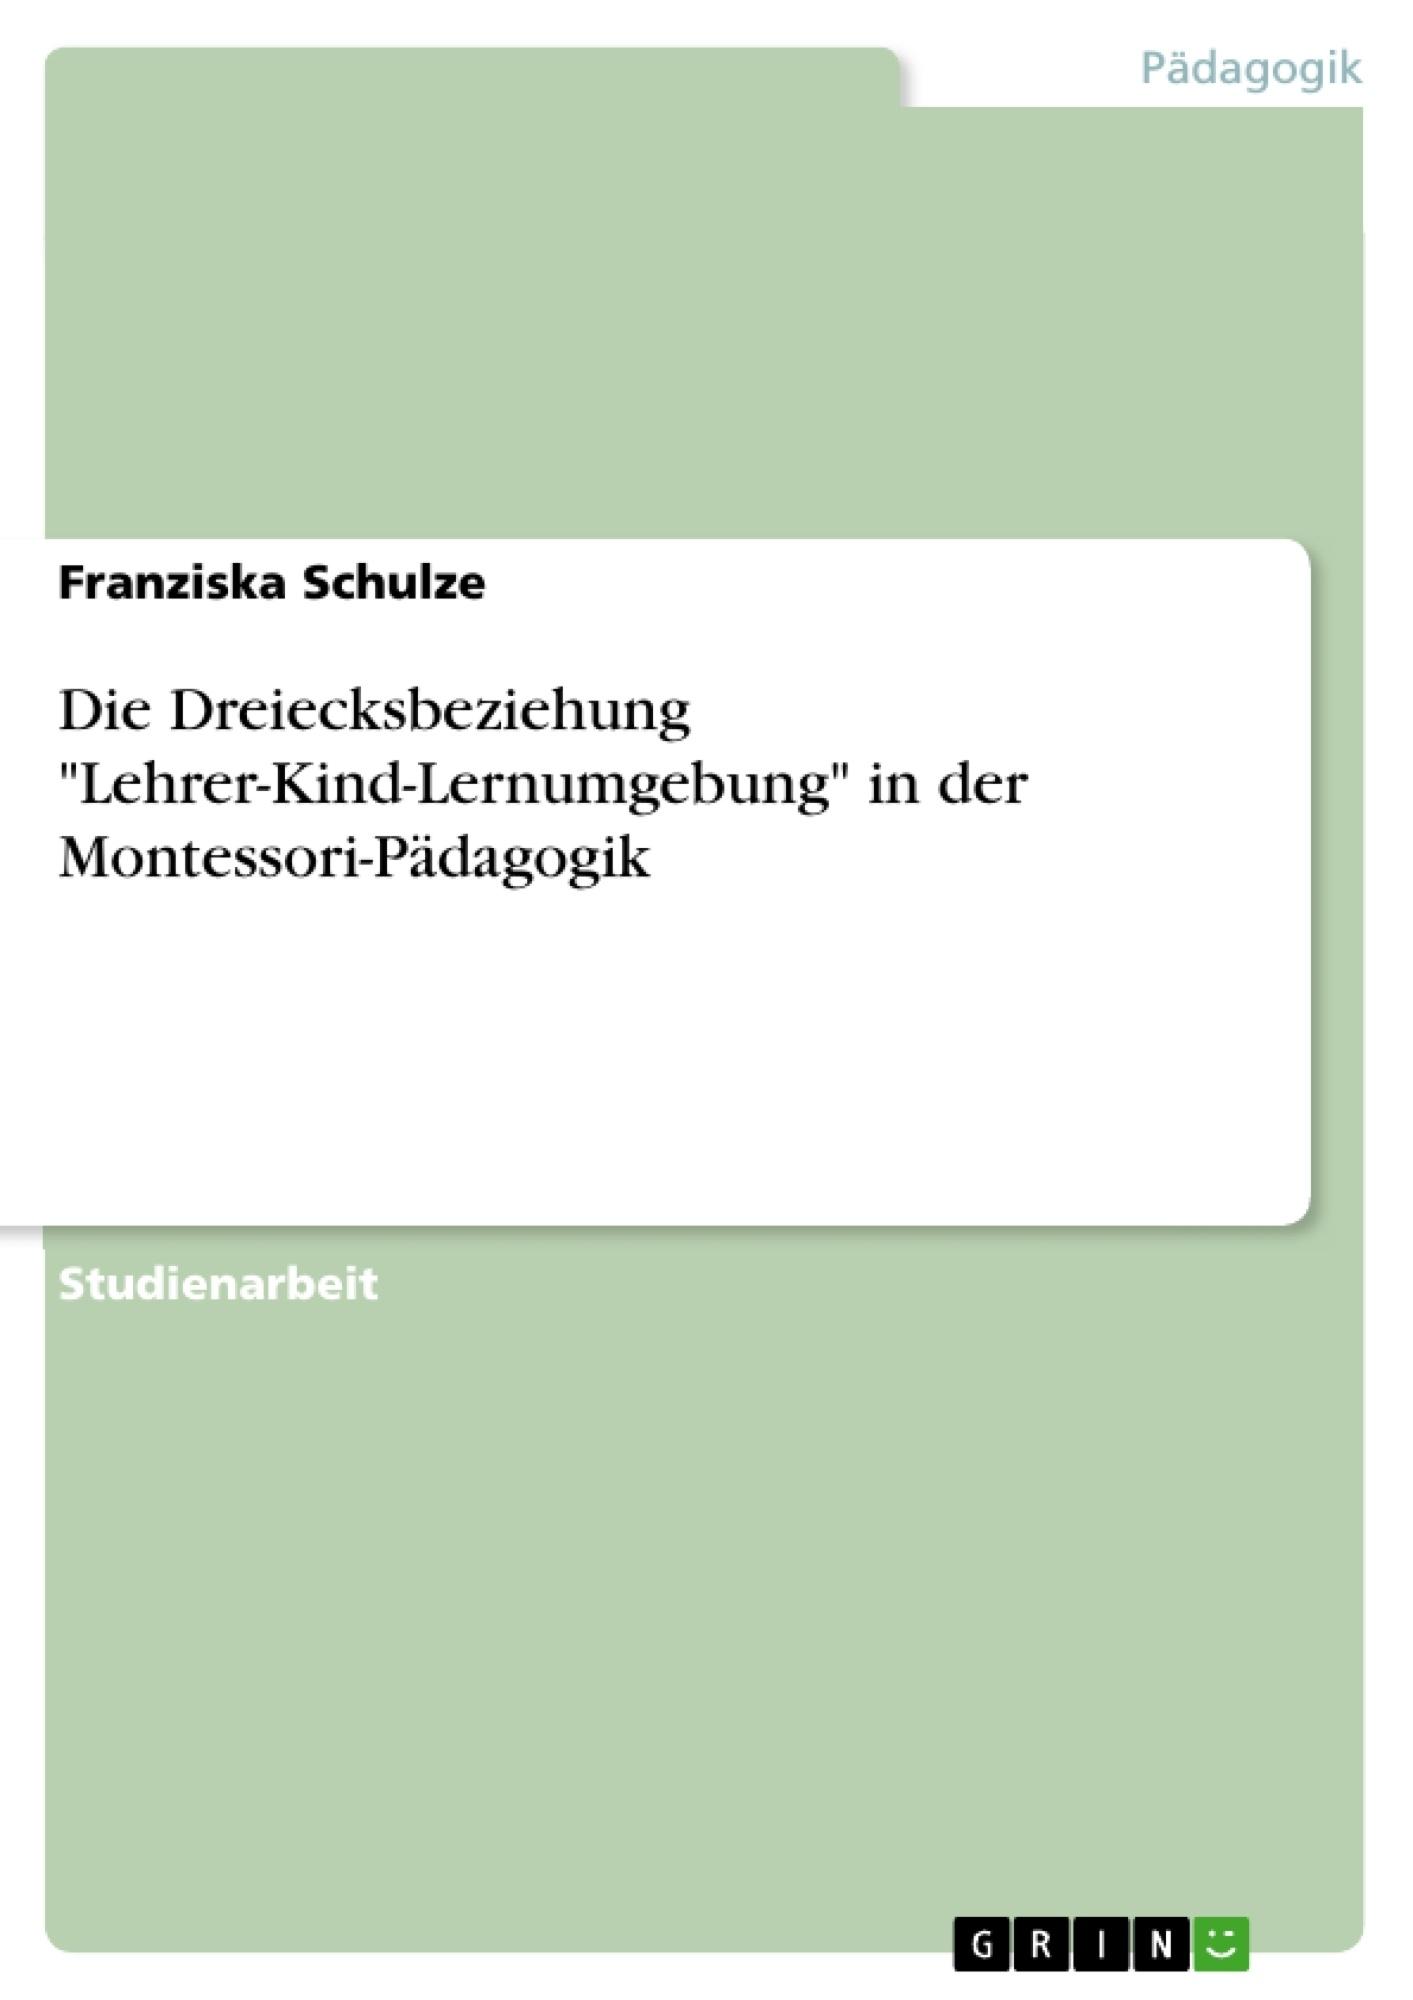 """Titel: Die Dreiecksbeziehung """"Lehrer-Kind-Lernumgebung"""" in der Montessori-Pädagogik"""